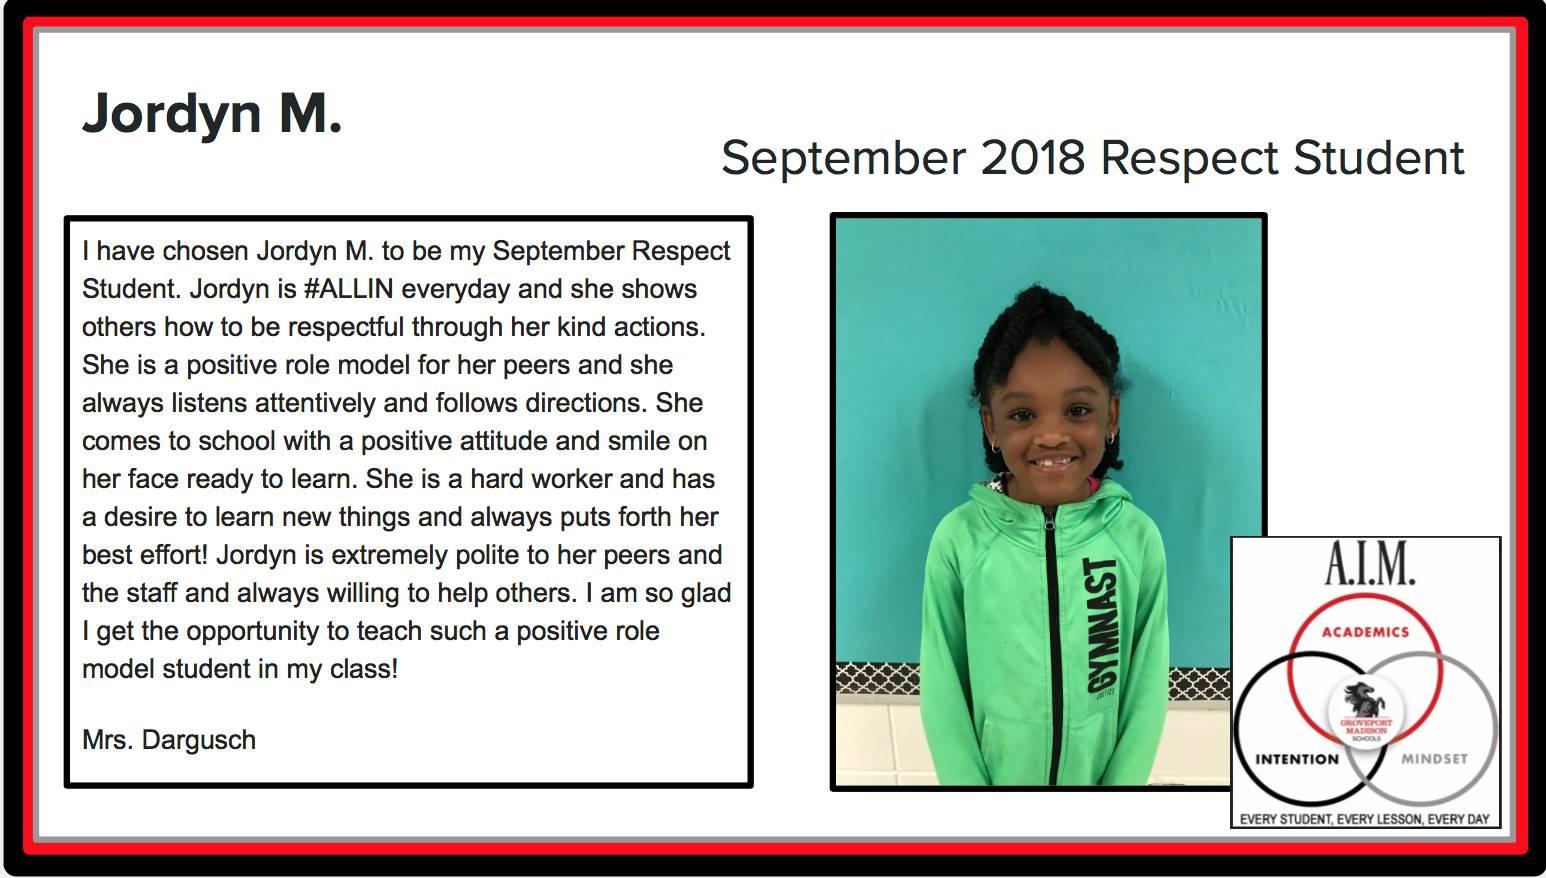 September Respect Student Jordyn